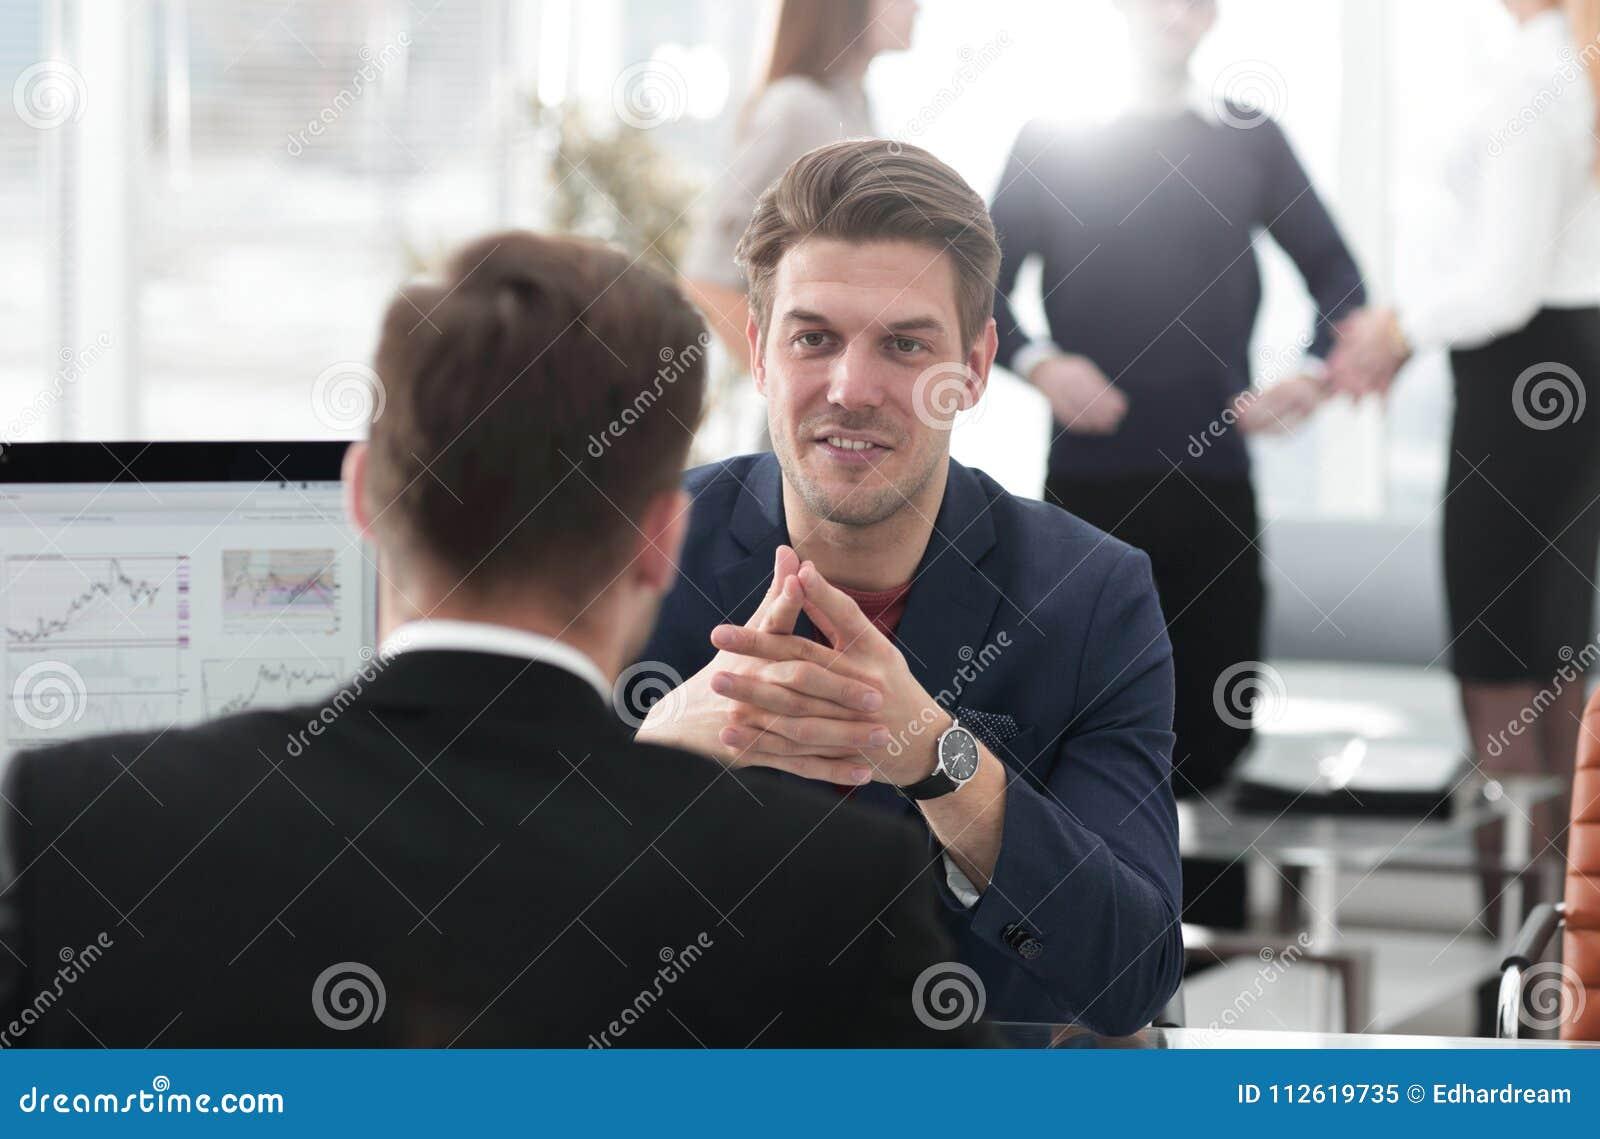 Twee mensen bespreken de groei van het bedrijf, die de het toenemen grafiek op het computerscherm bekijken